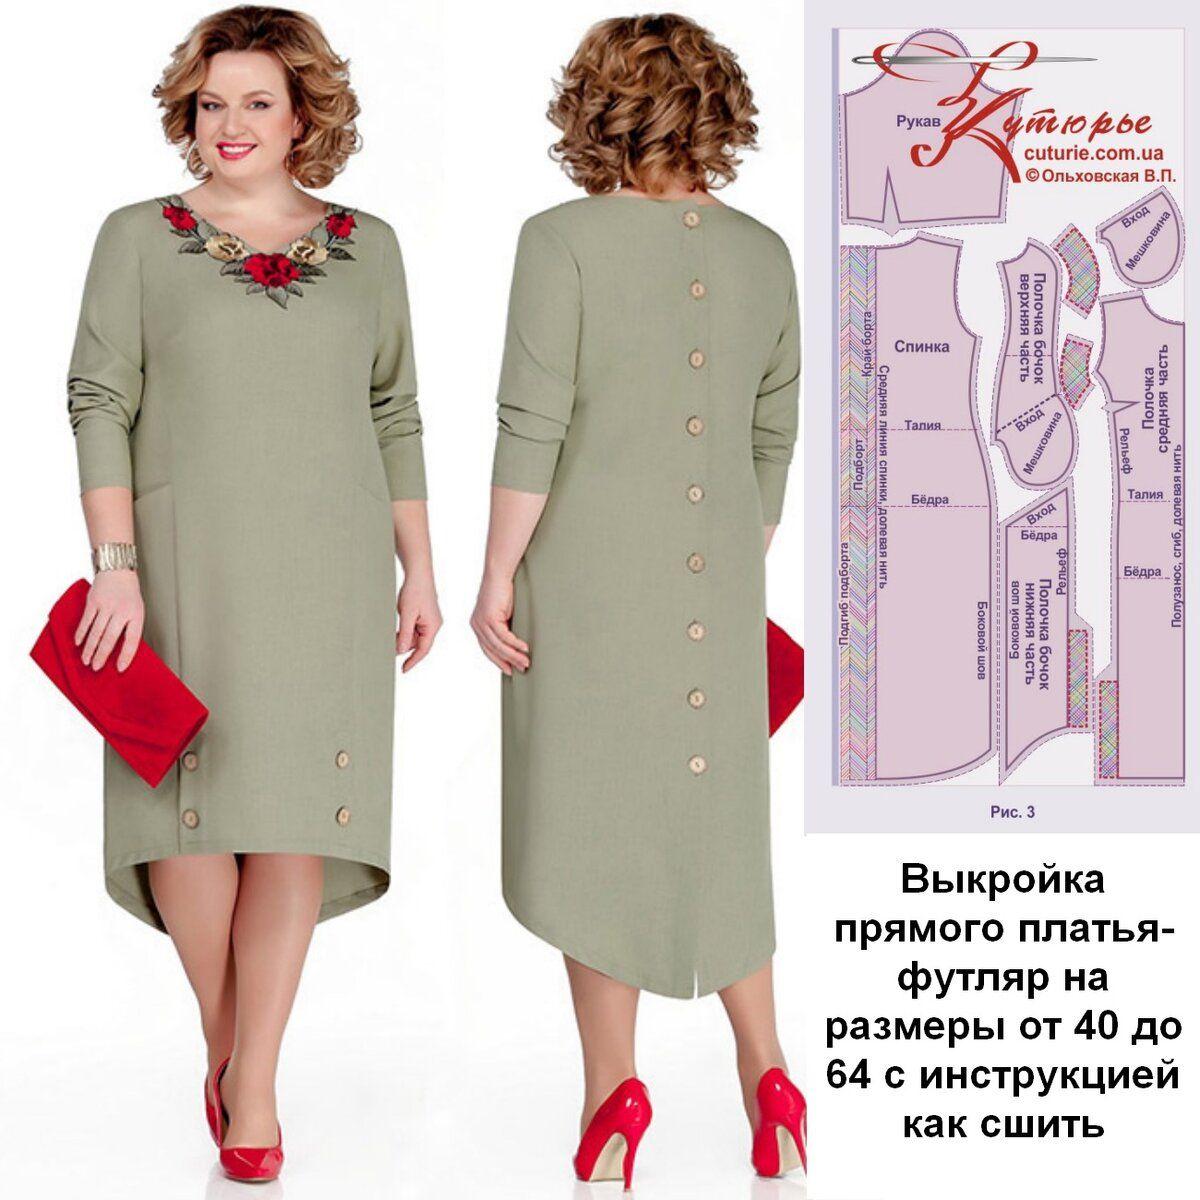 Photo of Выкройка больших размеров прямого платья футляр с инструкцией как сшить своими руками